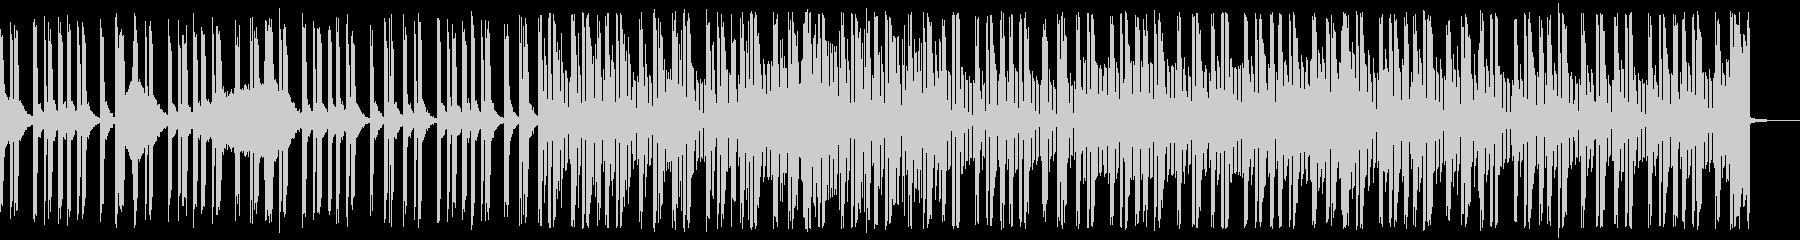 リズムレスの洒落た青いイメージのEDMの未再生の波形